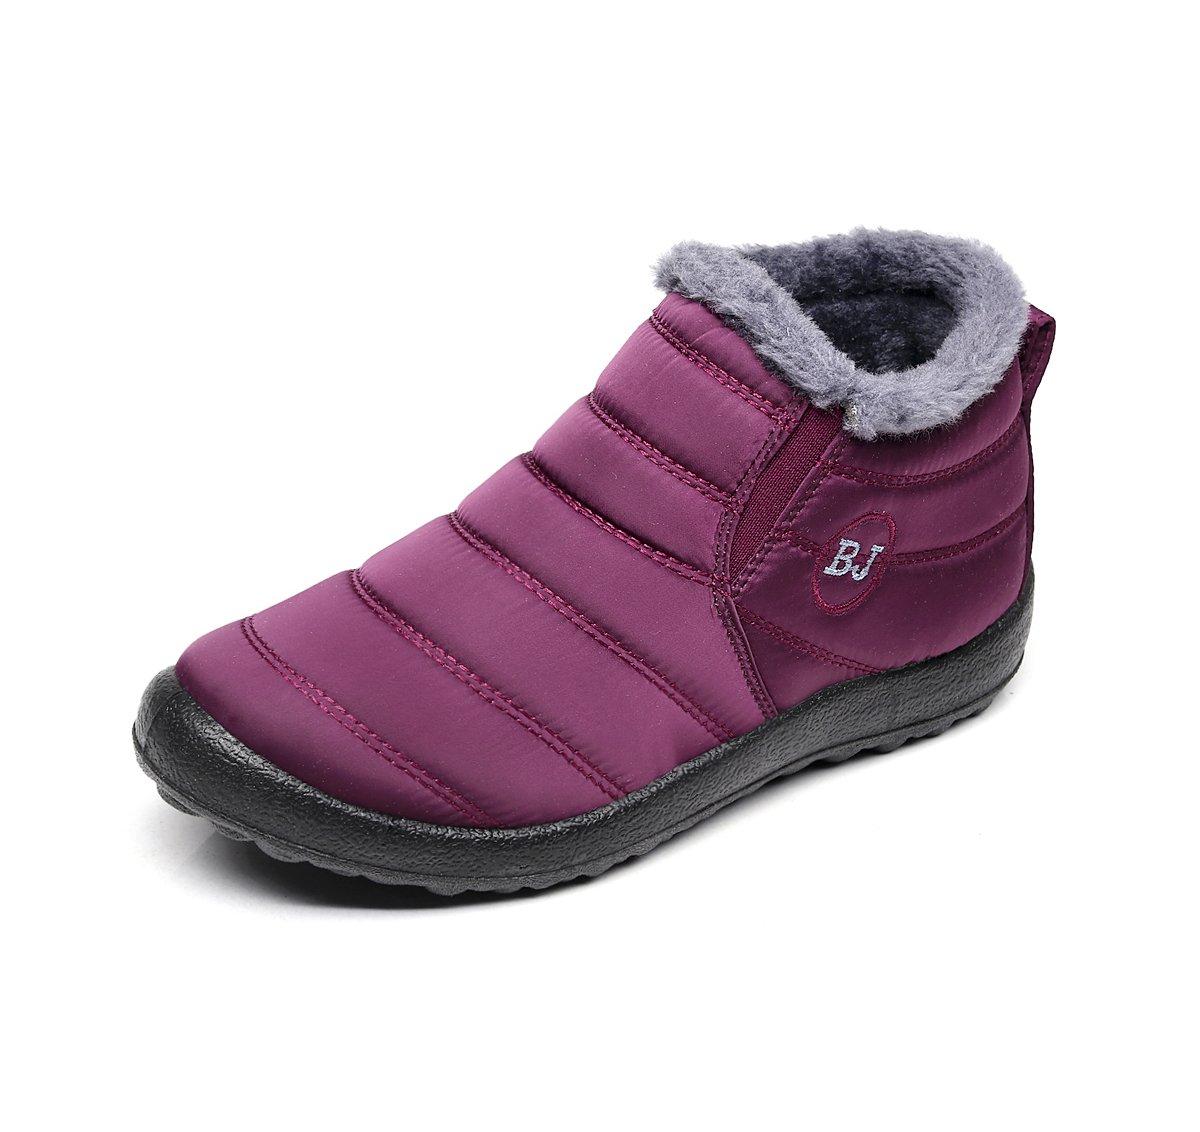 Chaussures Bottes Cheville de Neige avec Chaud Doublure Femme Hommes Cheville Hiver Boots Imperméable avec Epais Fourrure Bottine pour Hommes Femme Rouge 52a402e - conorscully.space